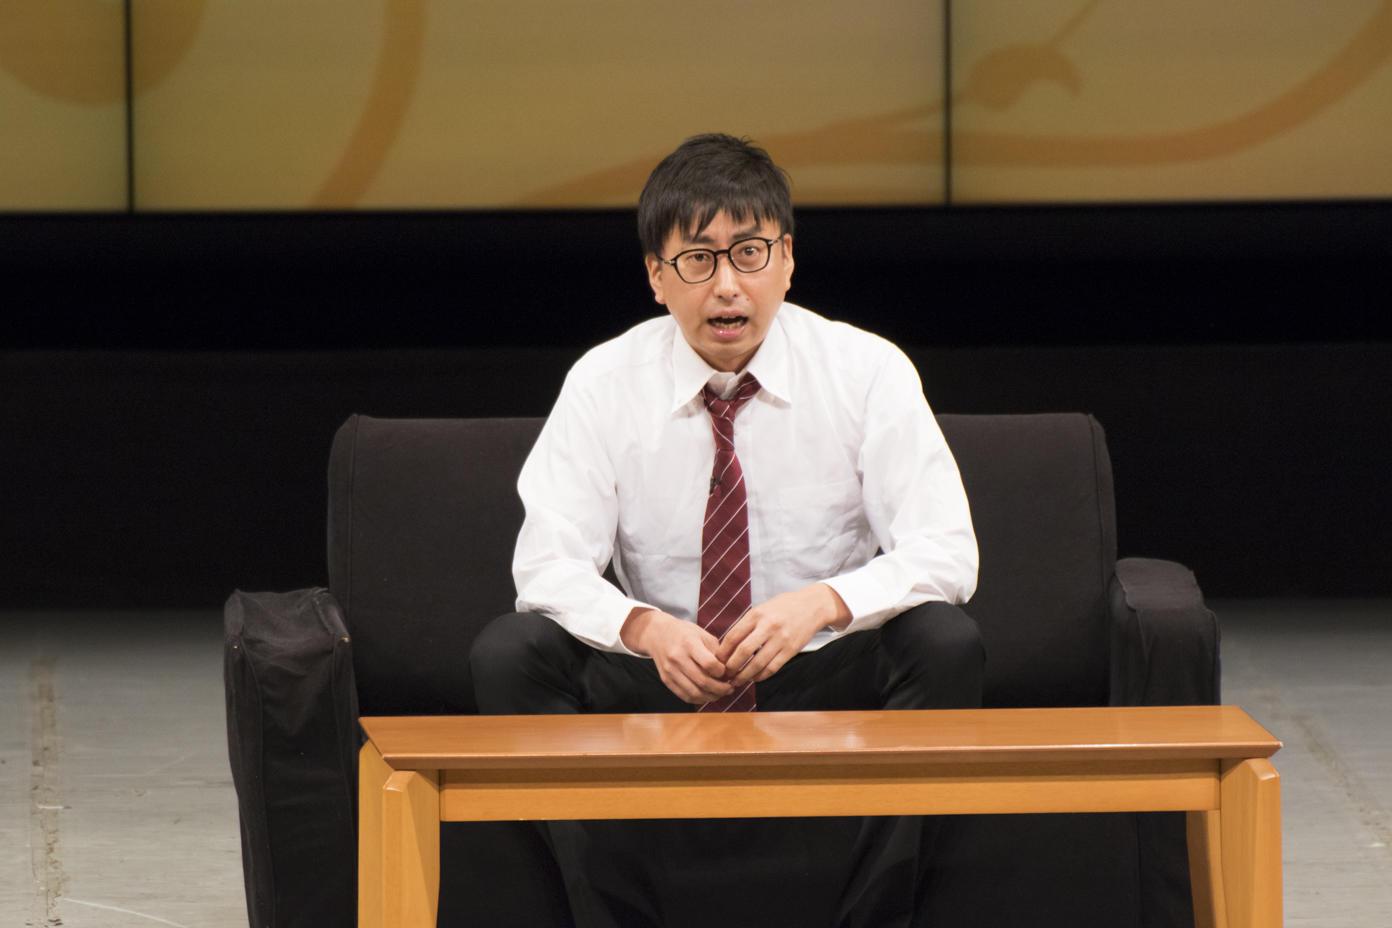 http://news.yoshimoto.co.jp/20160824232206-2deace48ffb640ac163ac5977811b1fca8157437.jpg